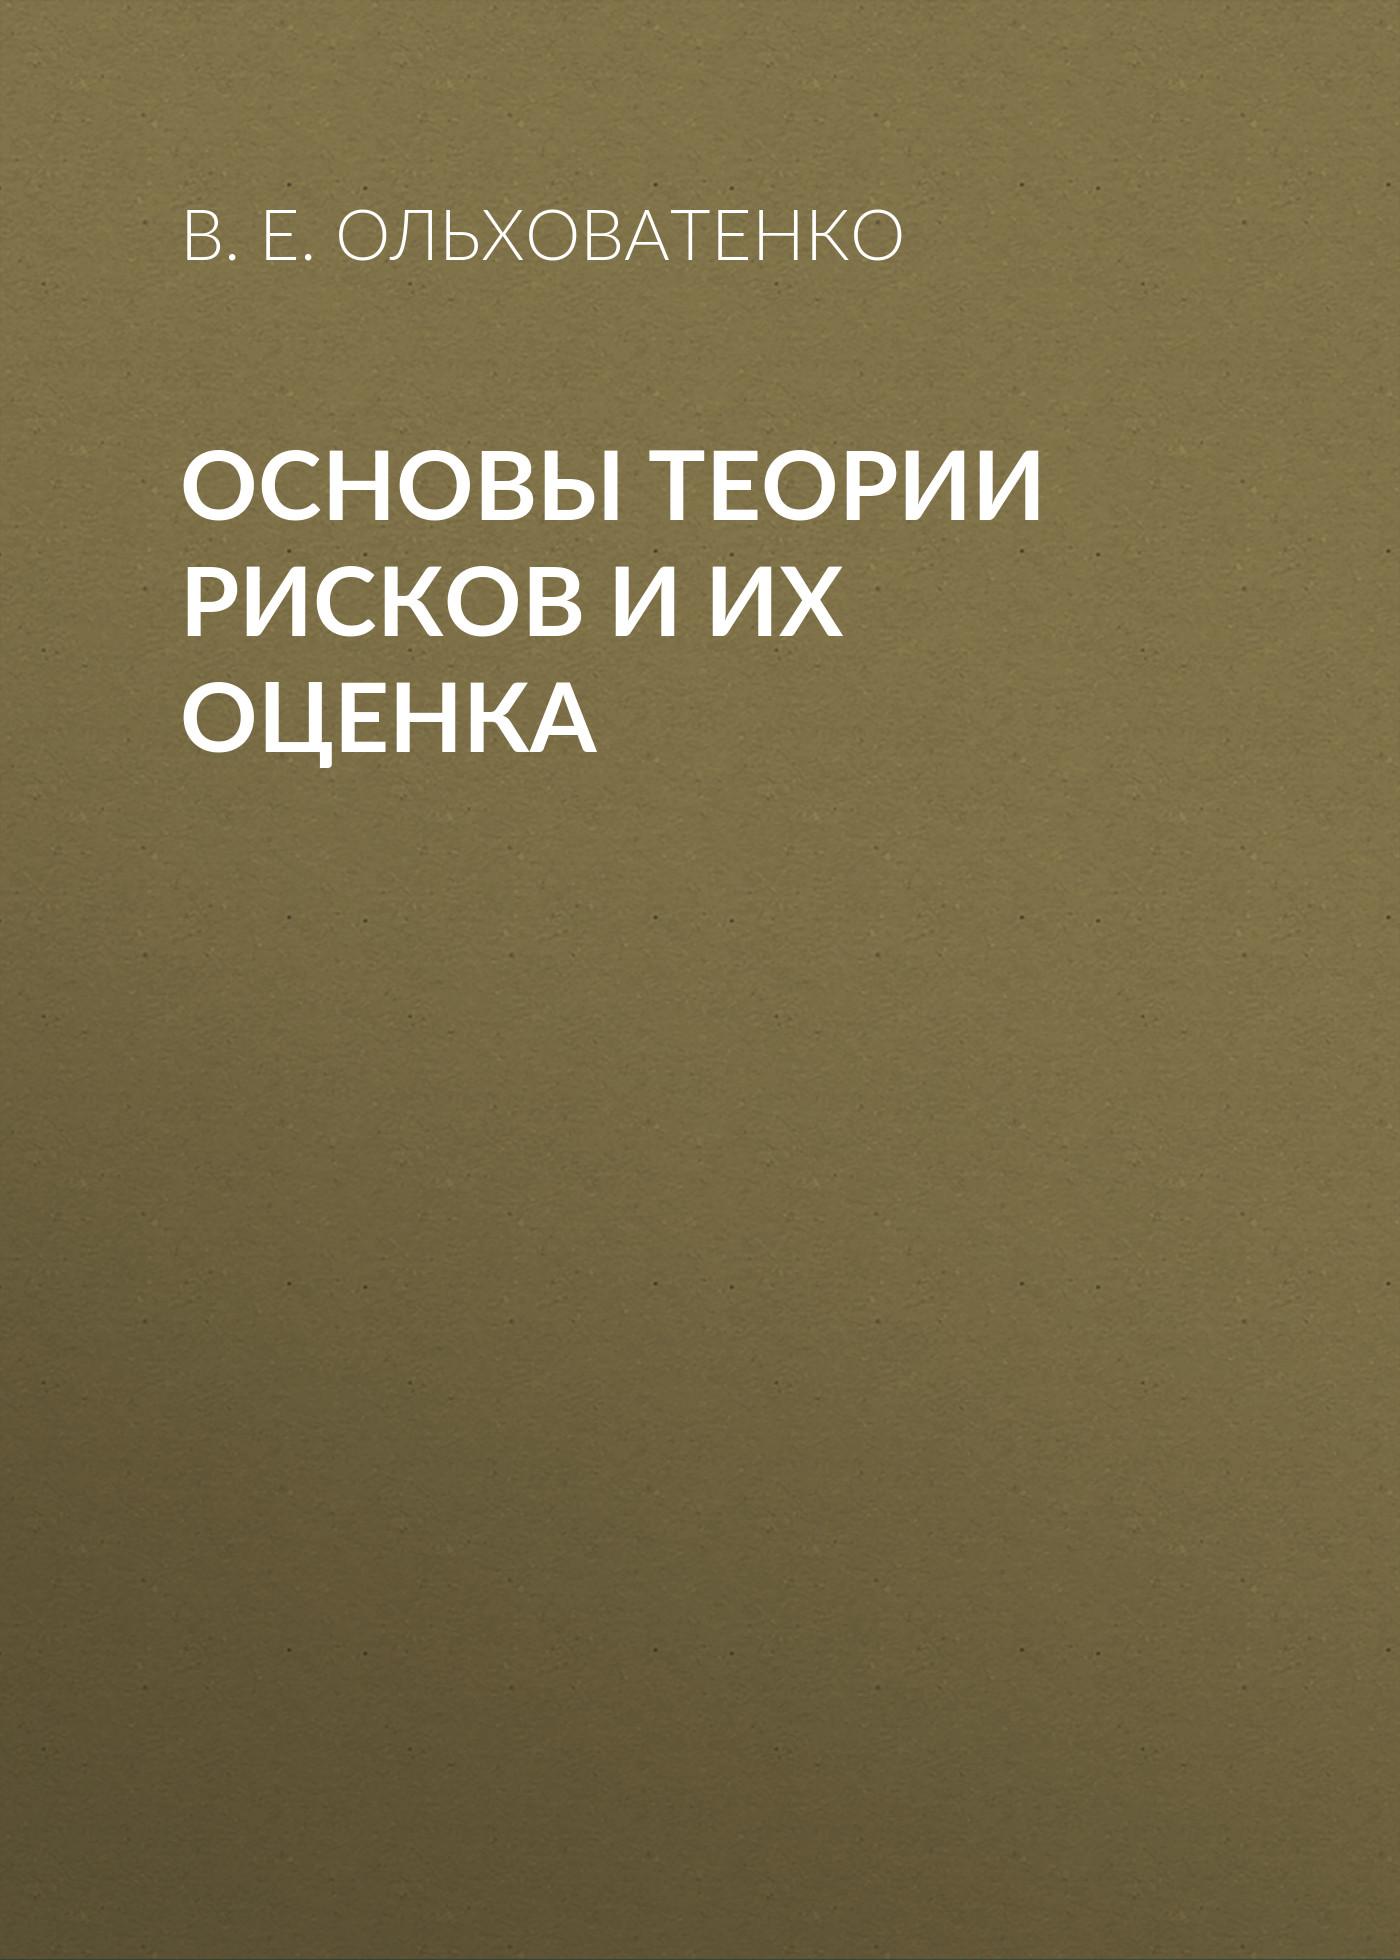 В. Е. Ольховатенко Основы теории рисков и их оценка минаев в фаддеев а оценка геоэкологических рисков